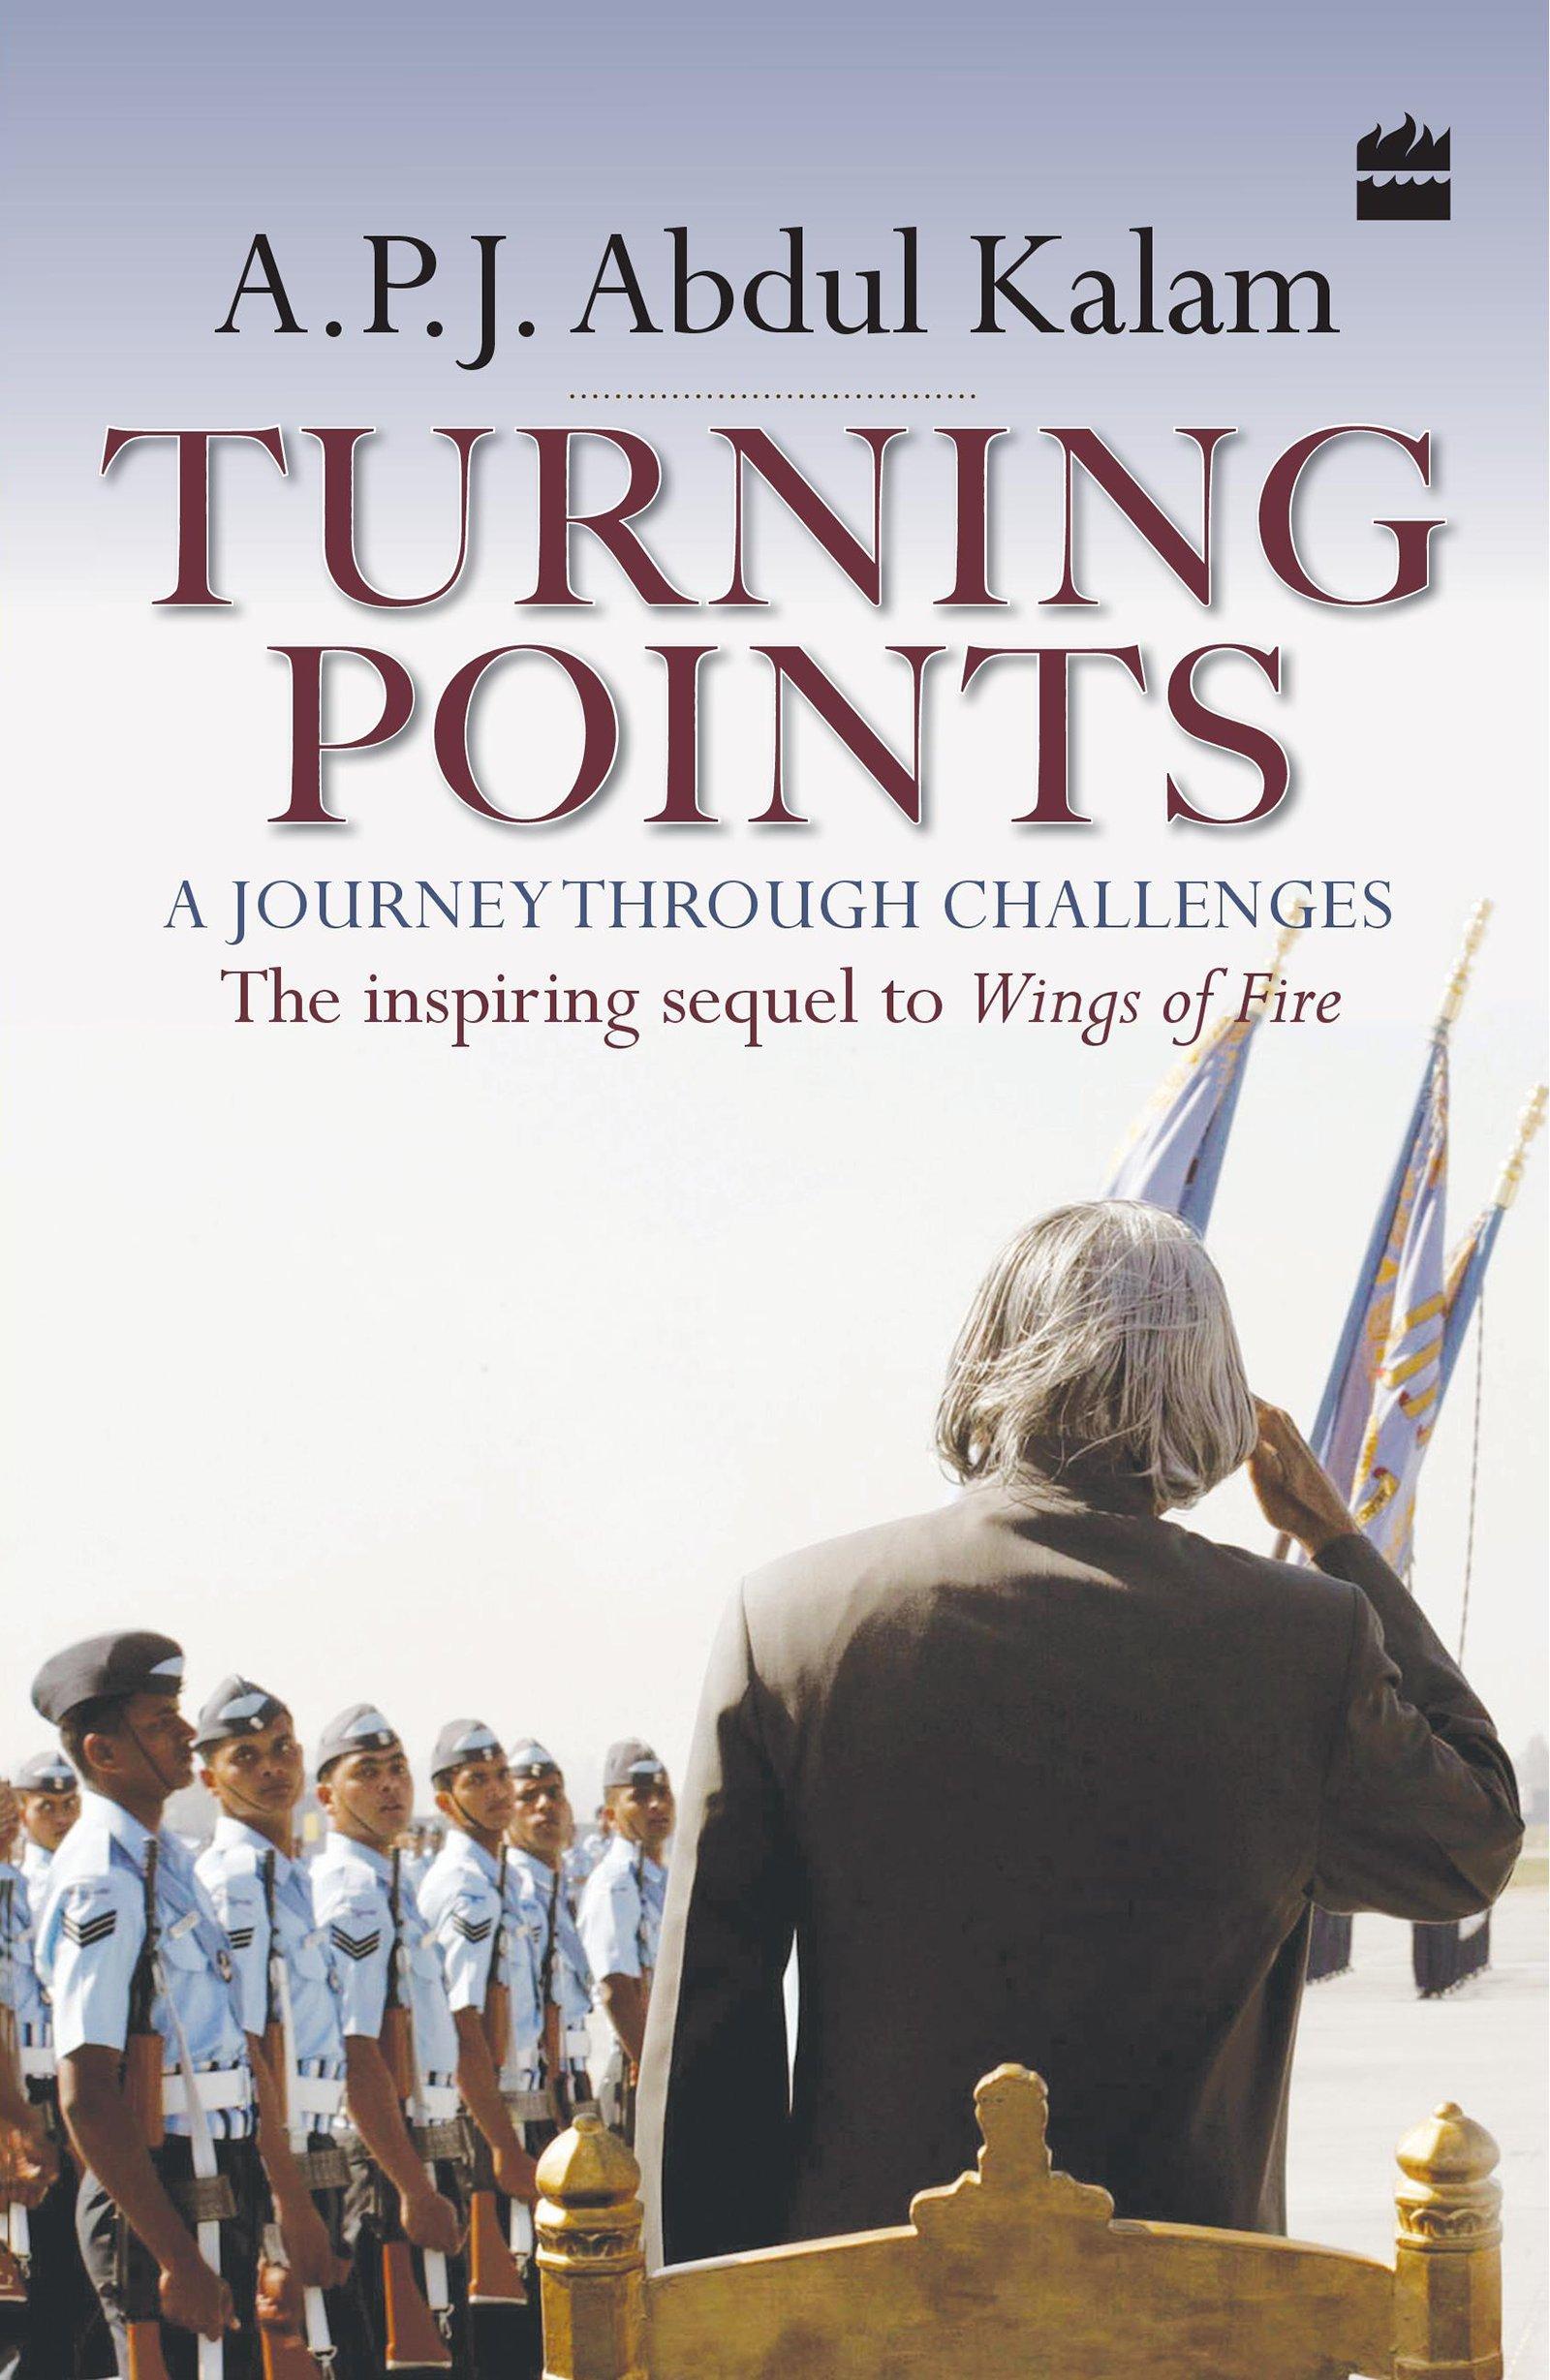 turning point by apj abdul kalam free download